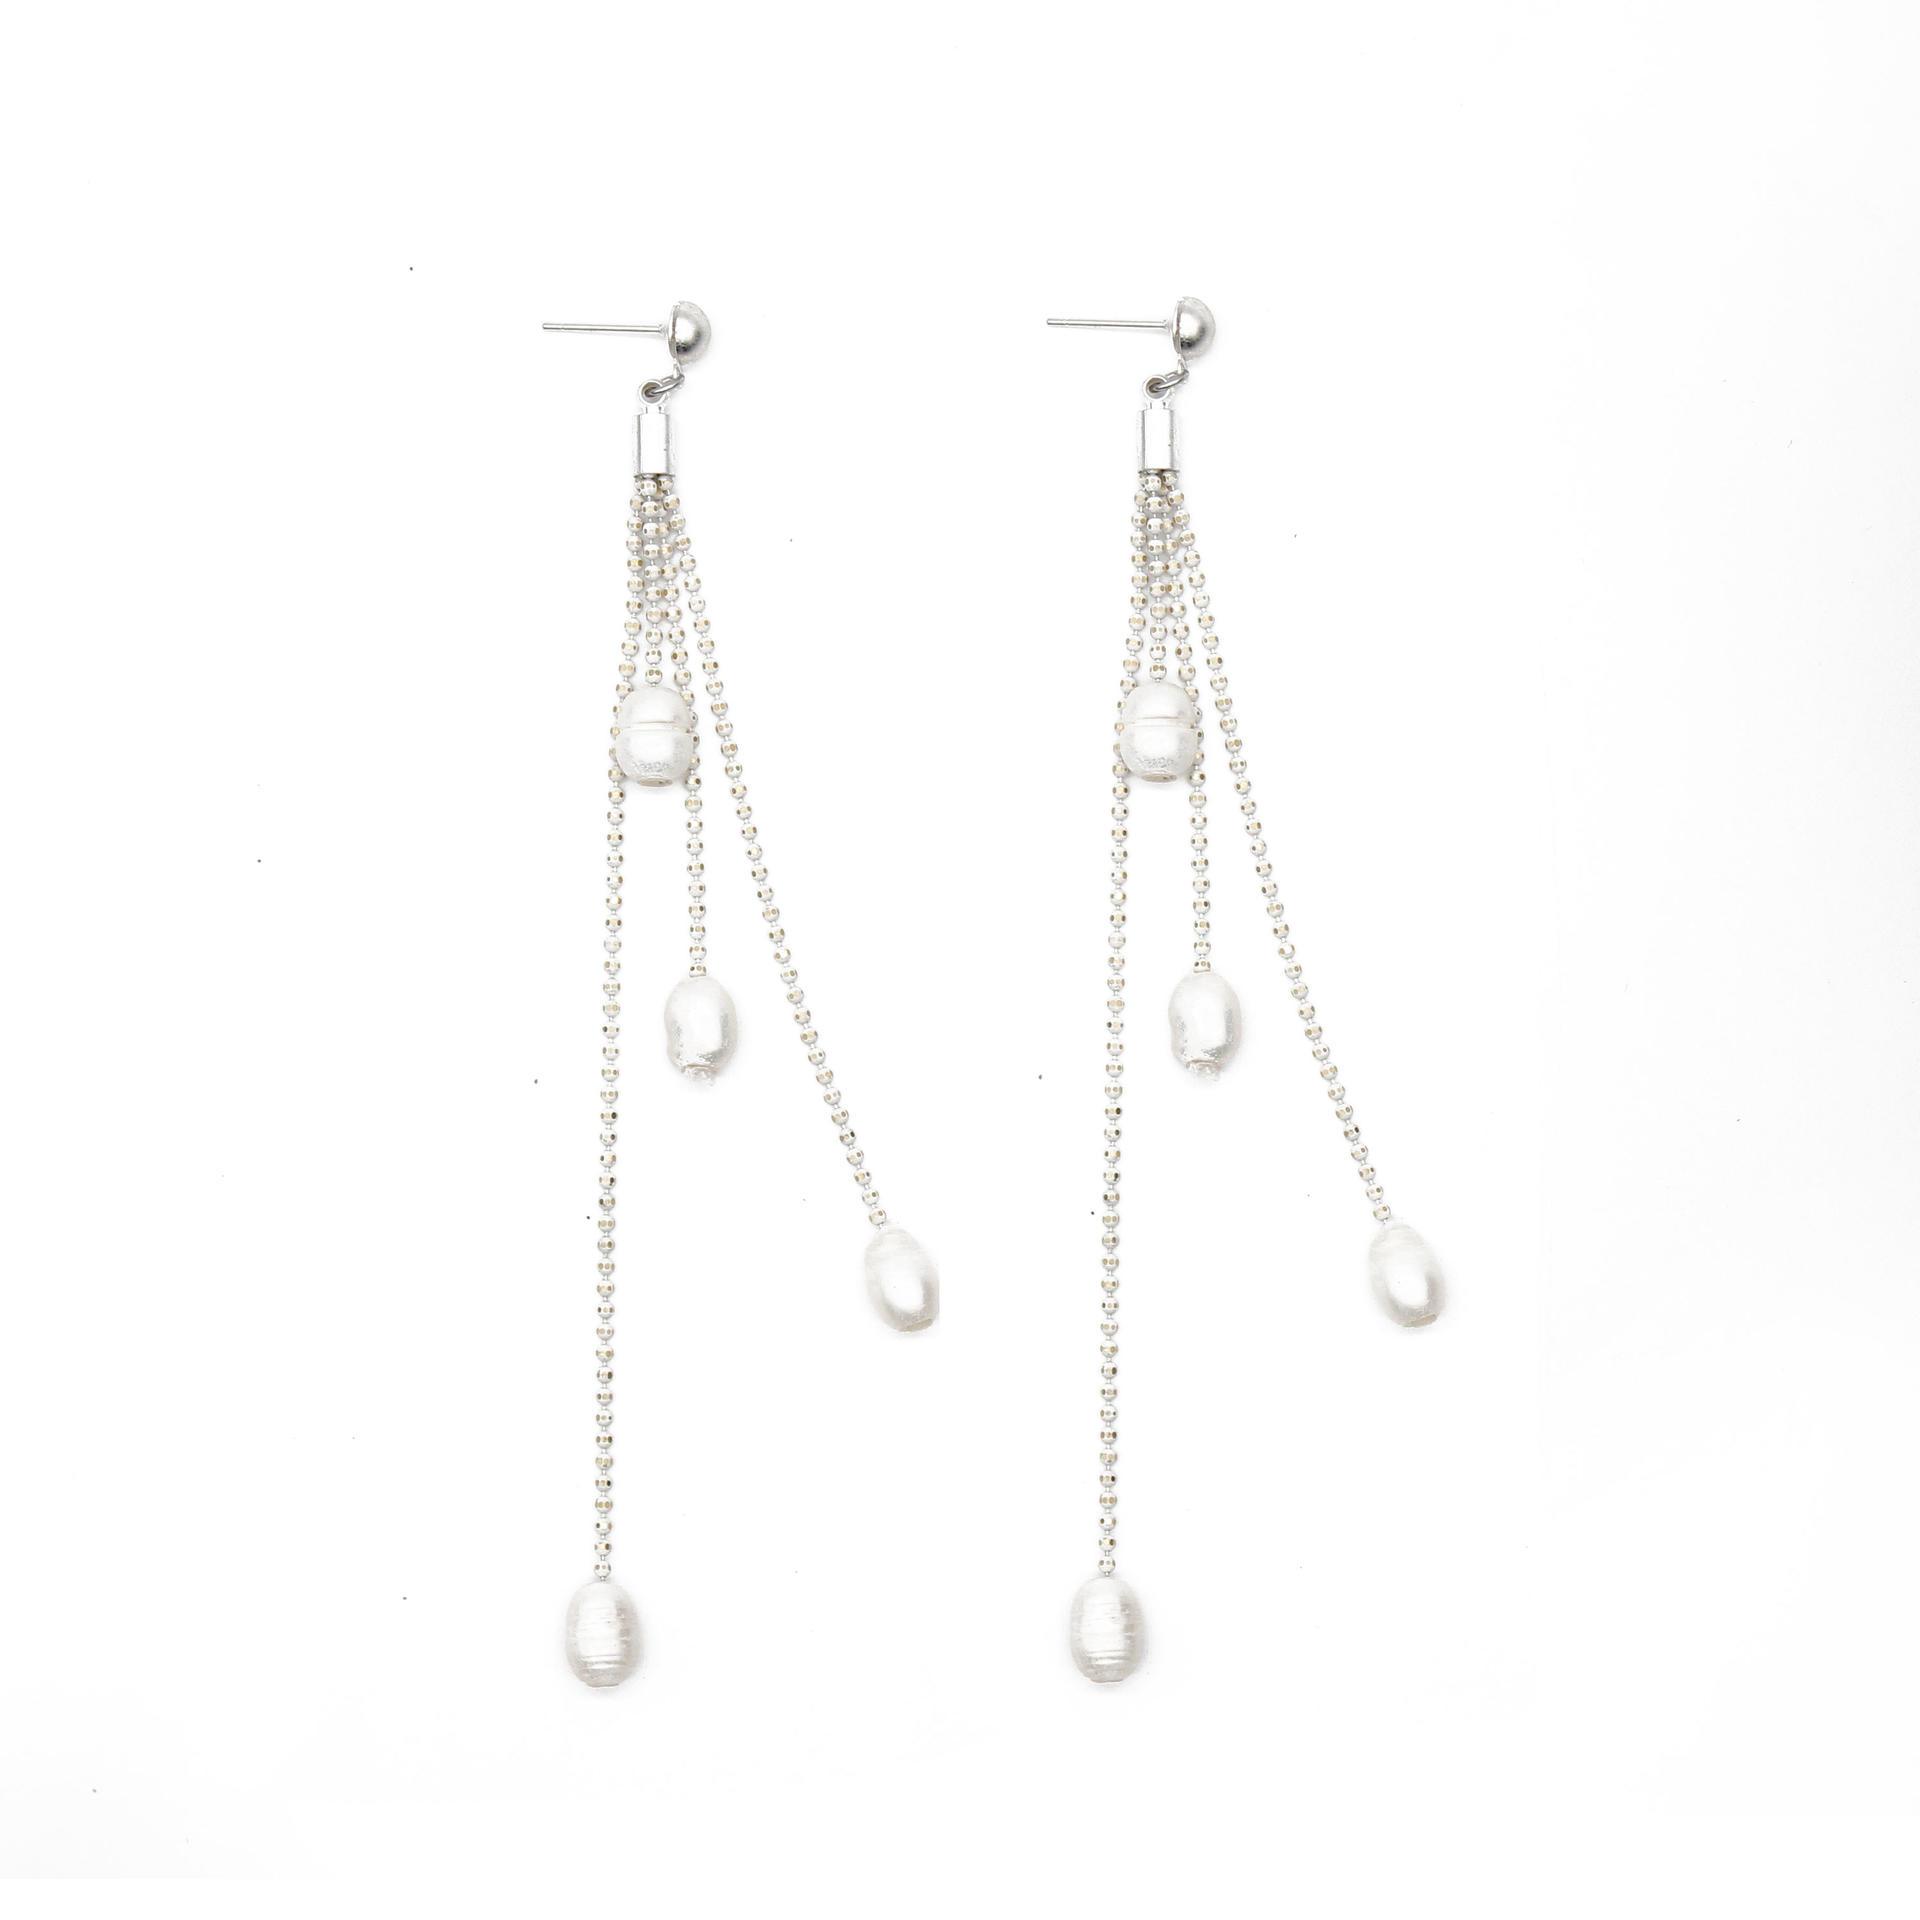 Wholesale pearl pearl earrings TTT Jewelry Brand